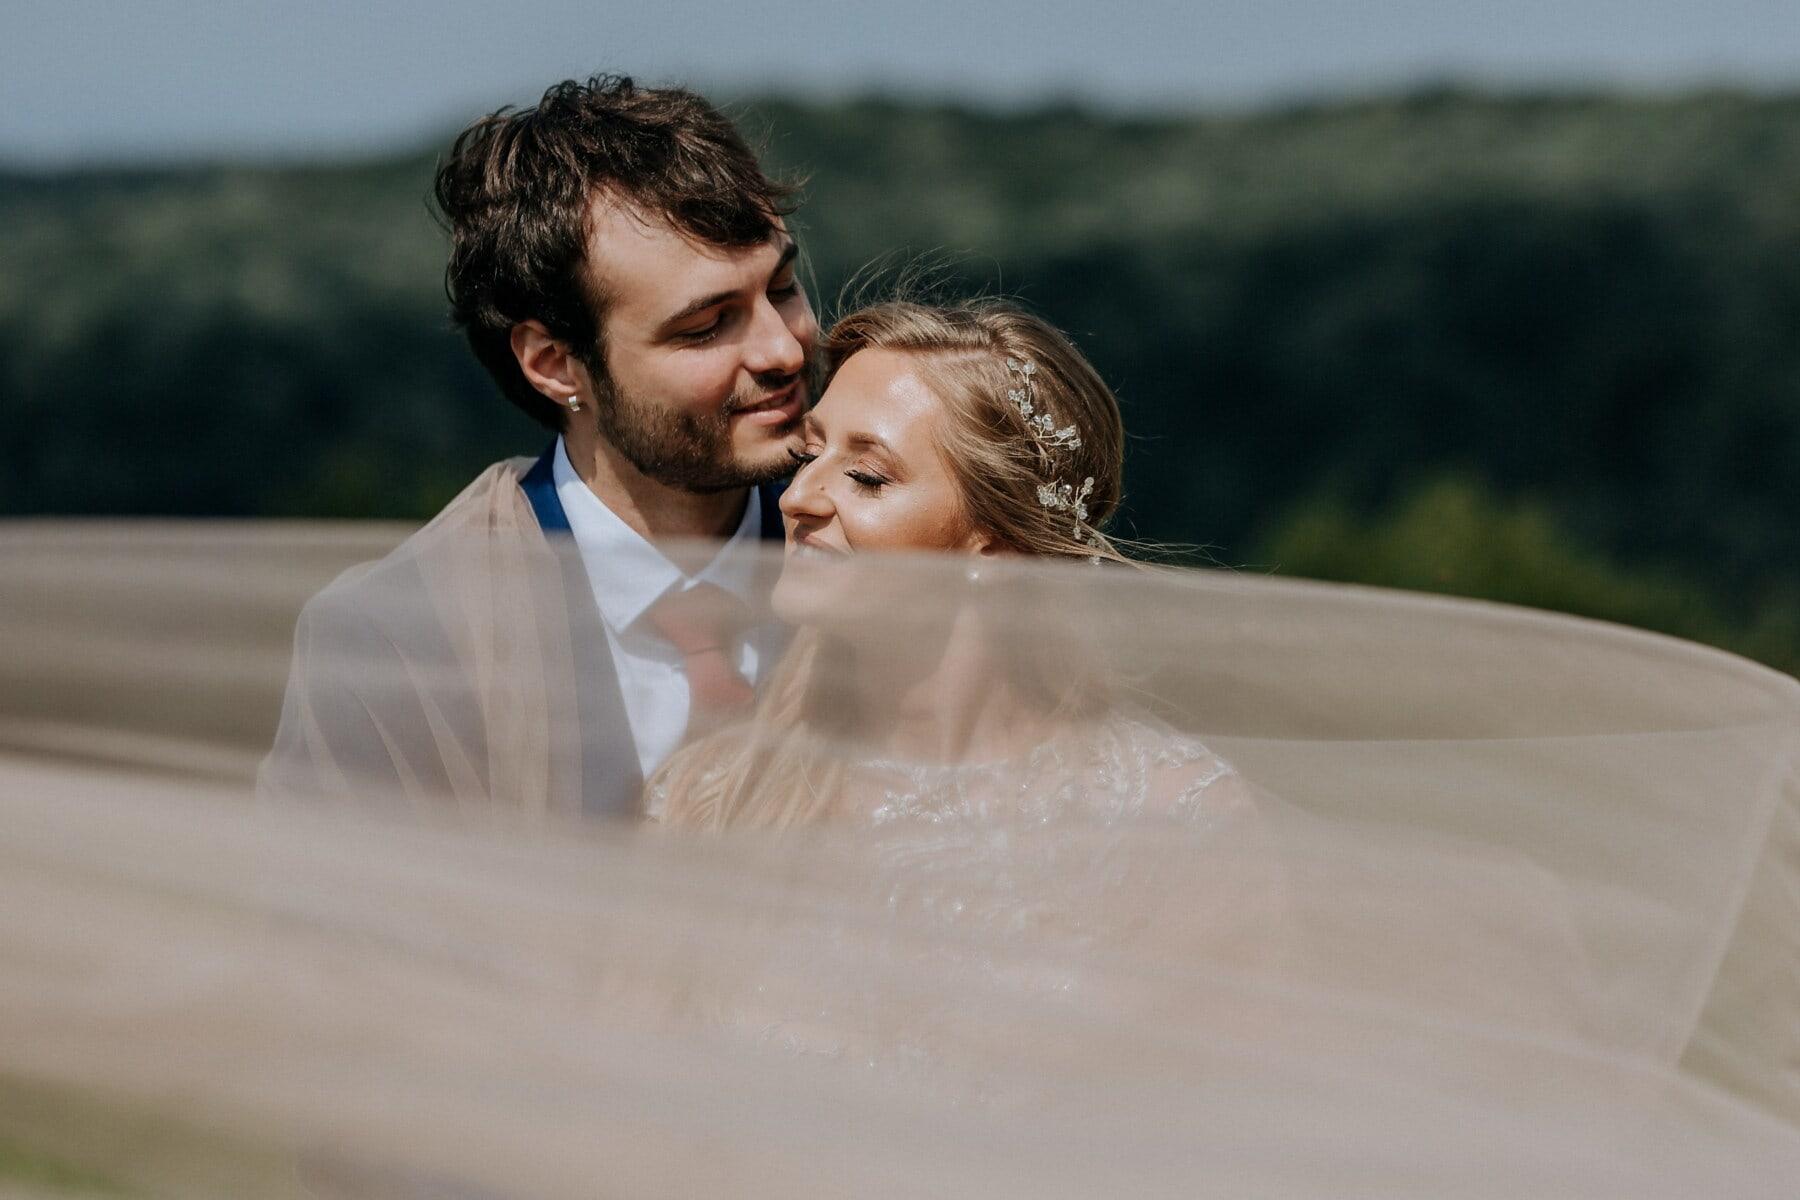 обіймати, романтичний, хлопець, подруга, портрет, поцілунок, щасливий, Кохання, щастя, наречений